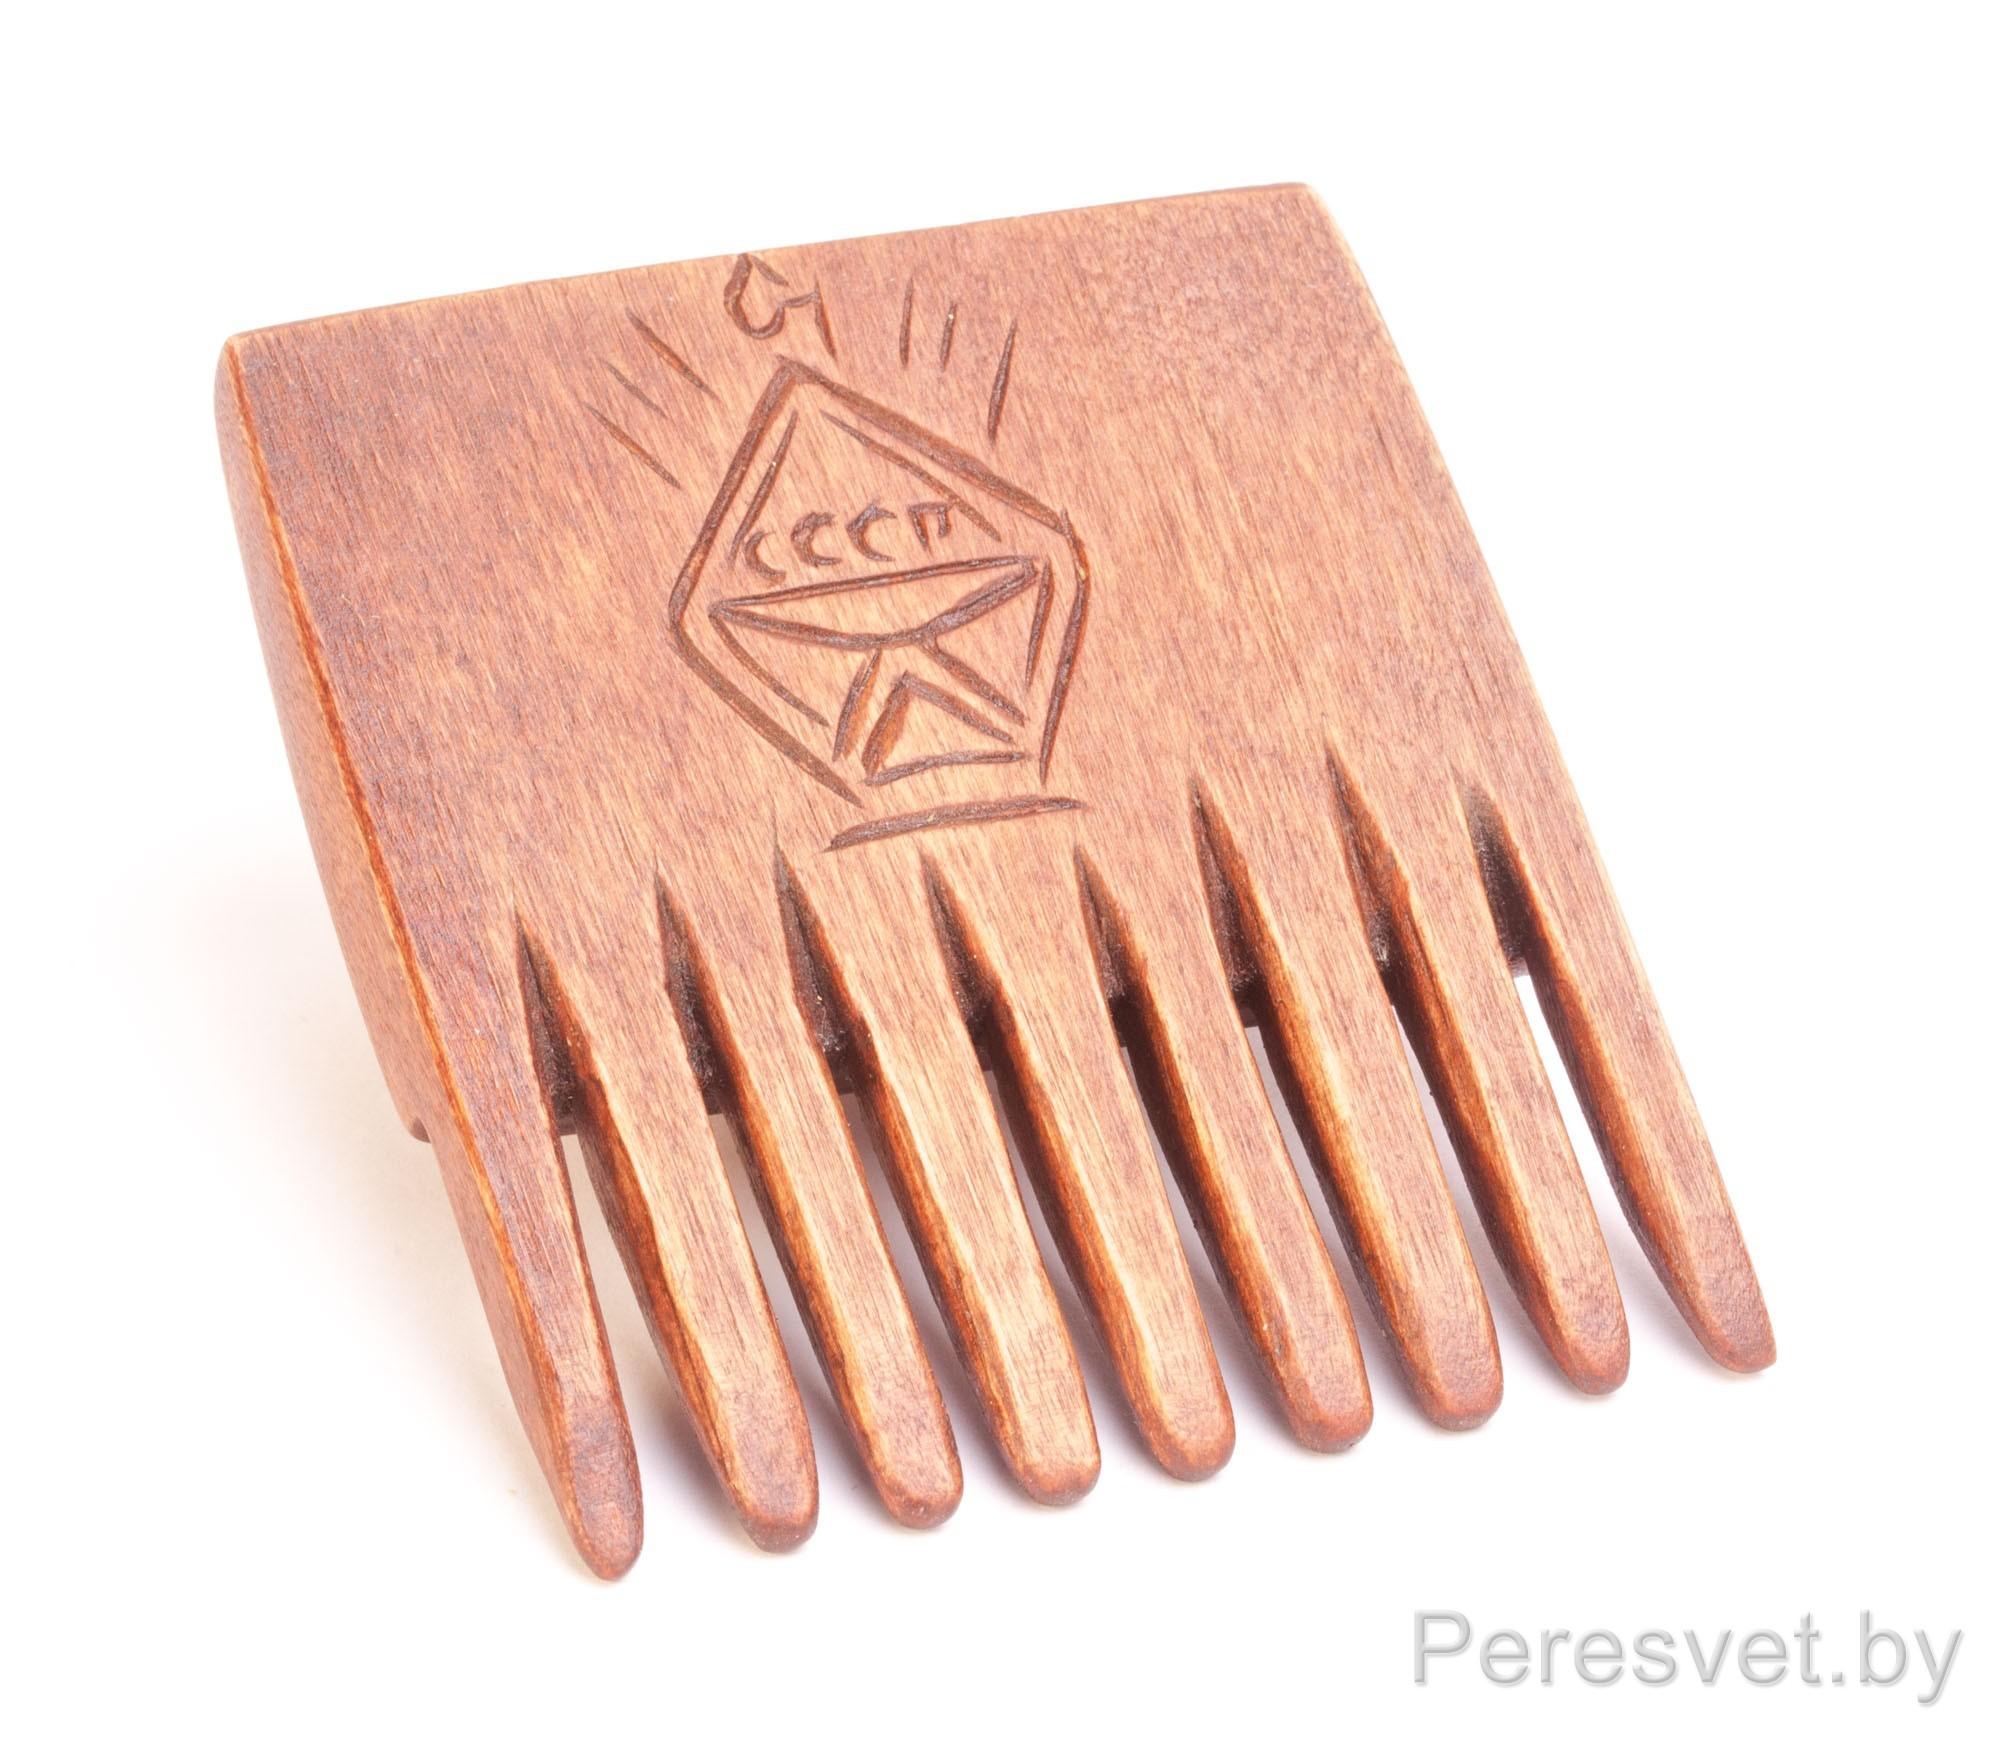 Гребени мужские для бороды и усов деревянные ручной работы на peresvet.by